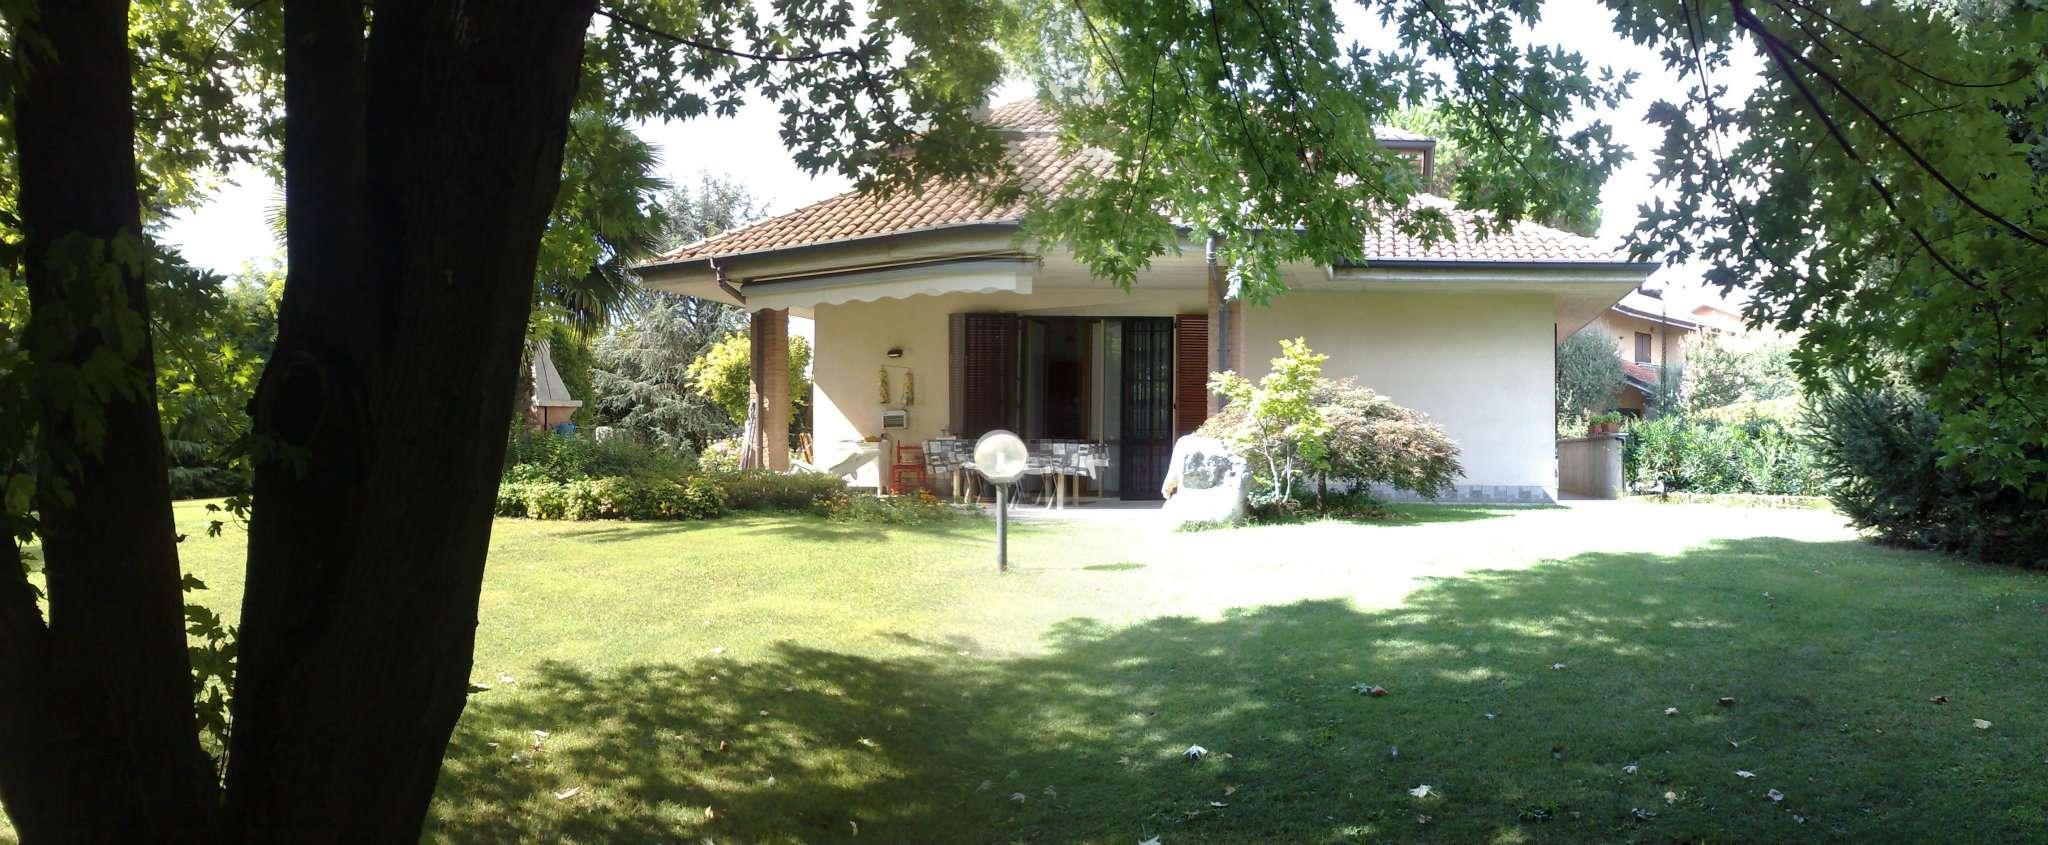 Villa in vendita a Carnate, 5 locali, prezzo € 510.000 | CambioCasa.it